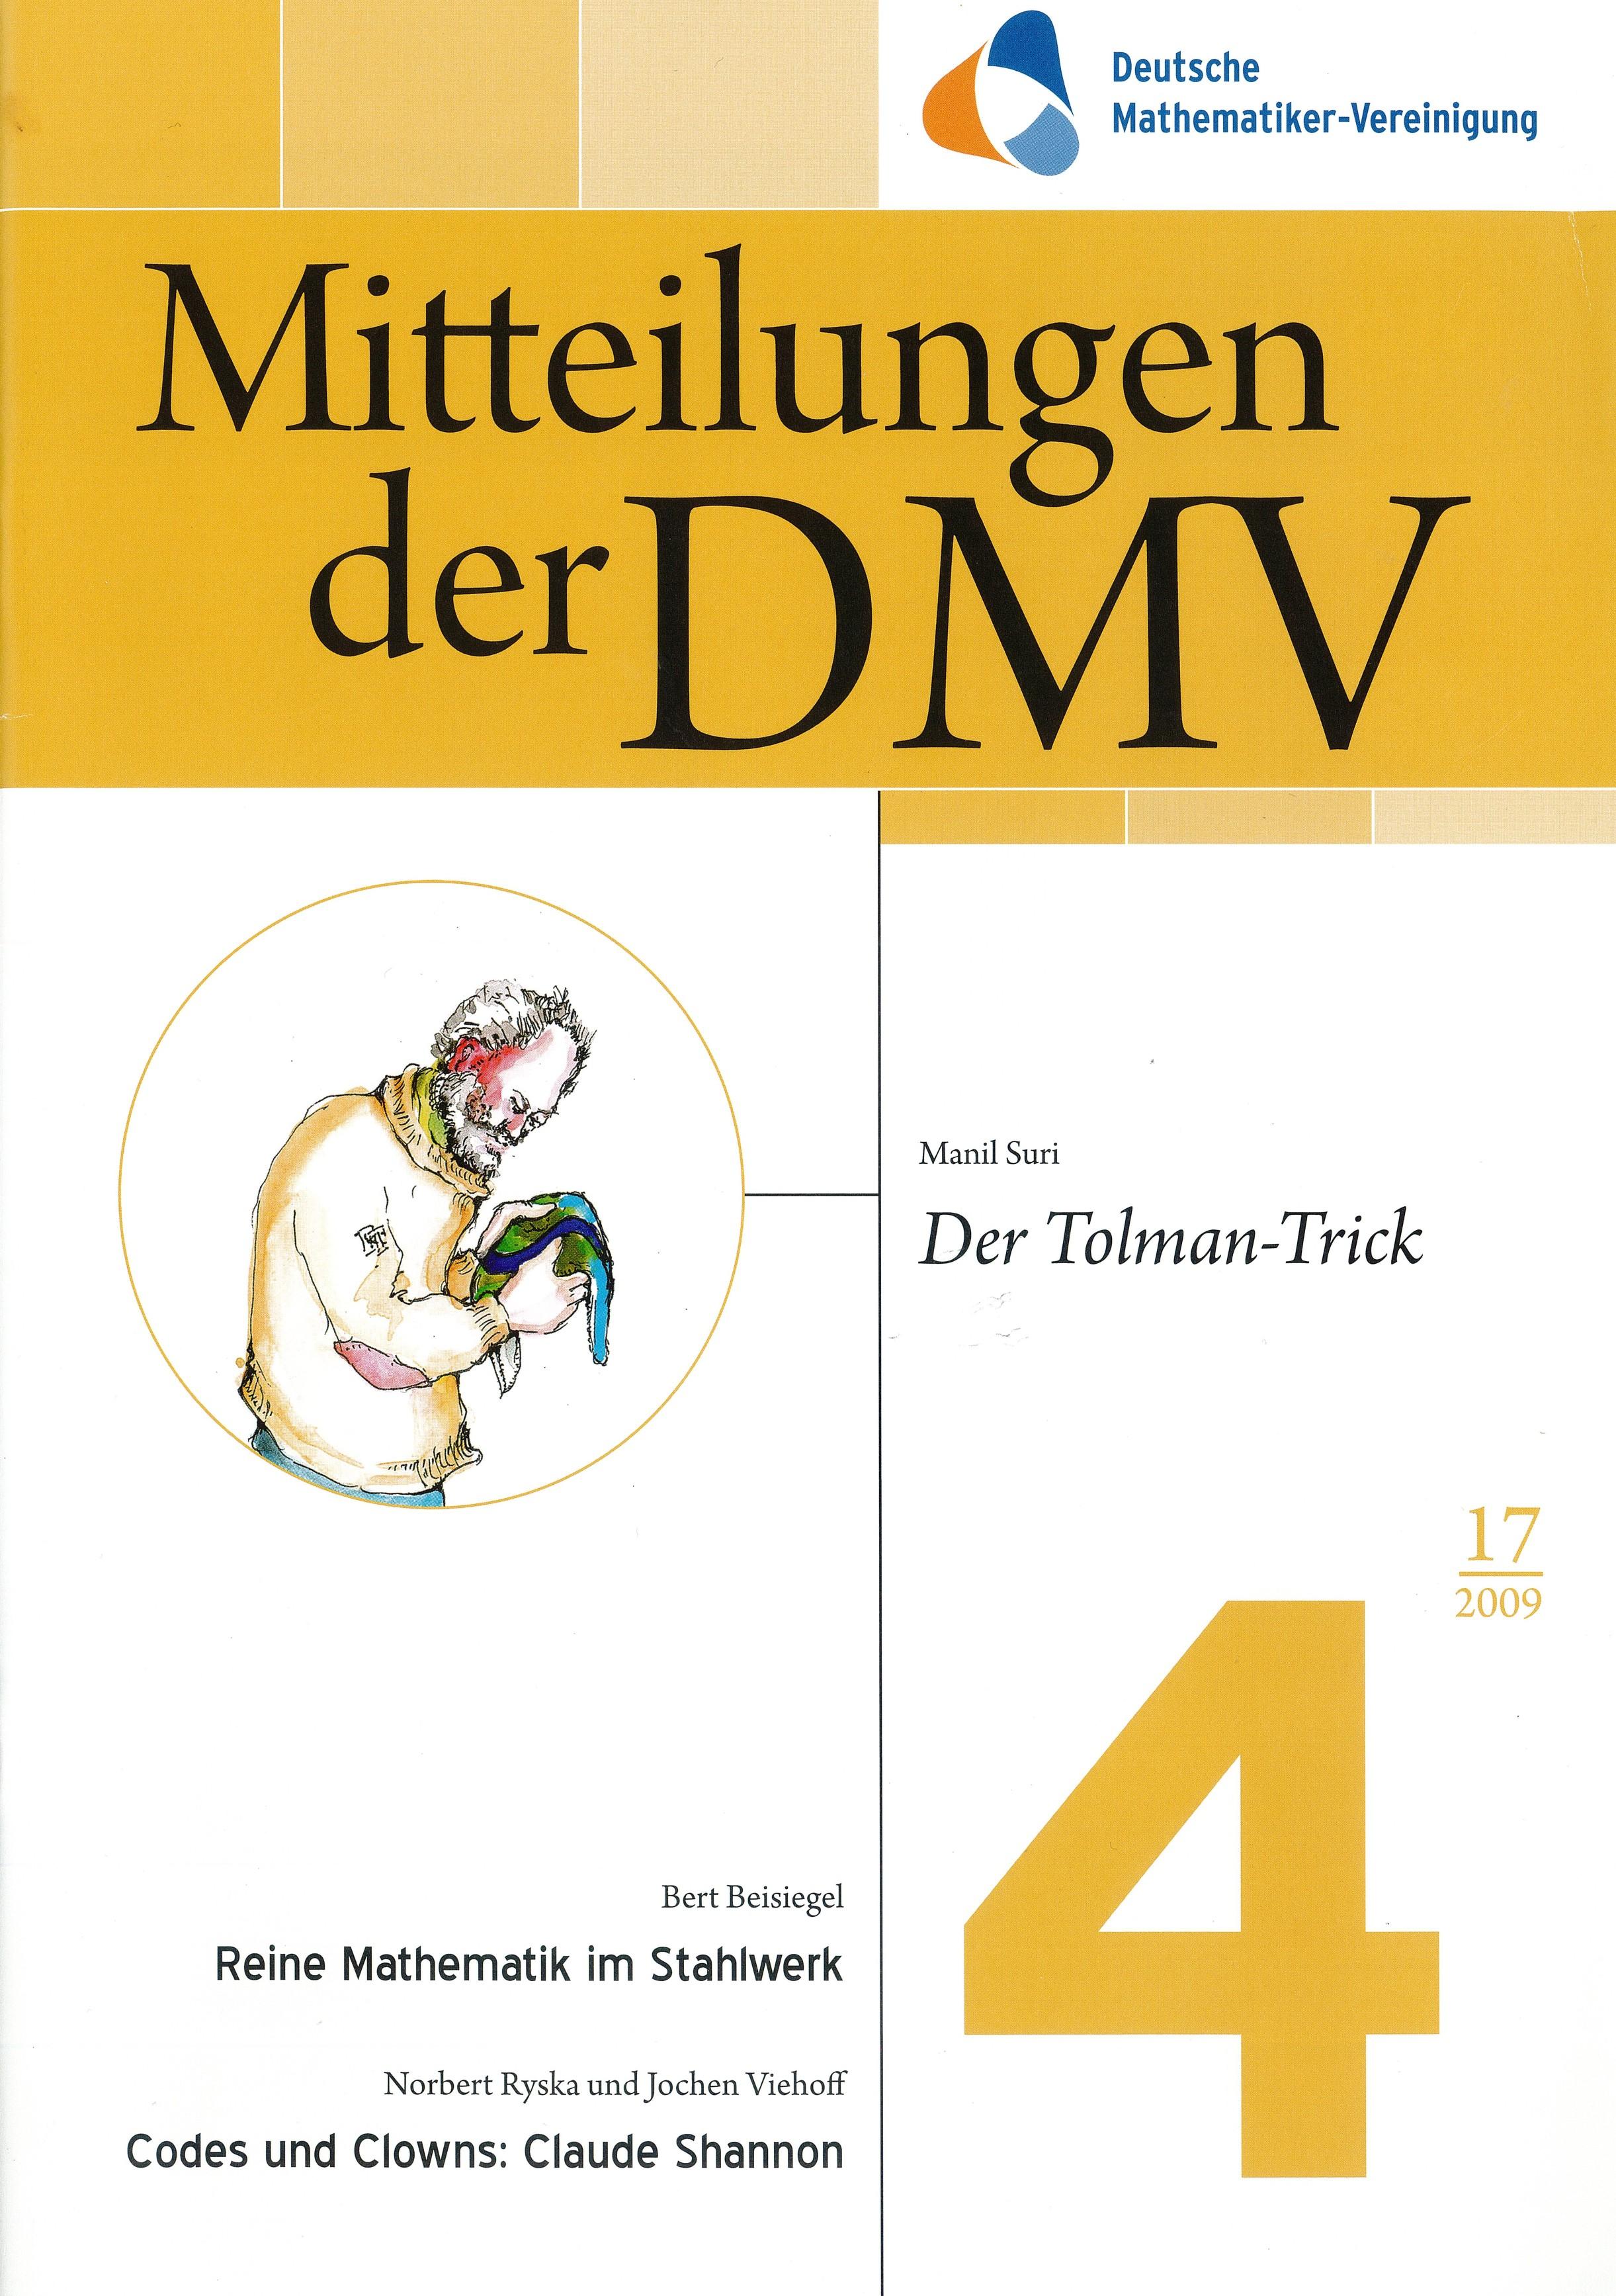 Karl Heinrich Hofmann – Mathematik – Technische Universität Darmstadt 748da3f41866